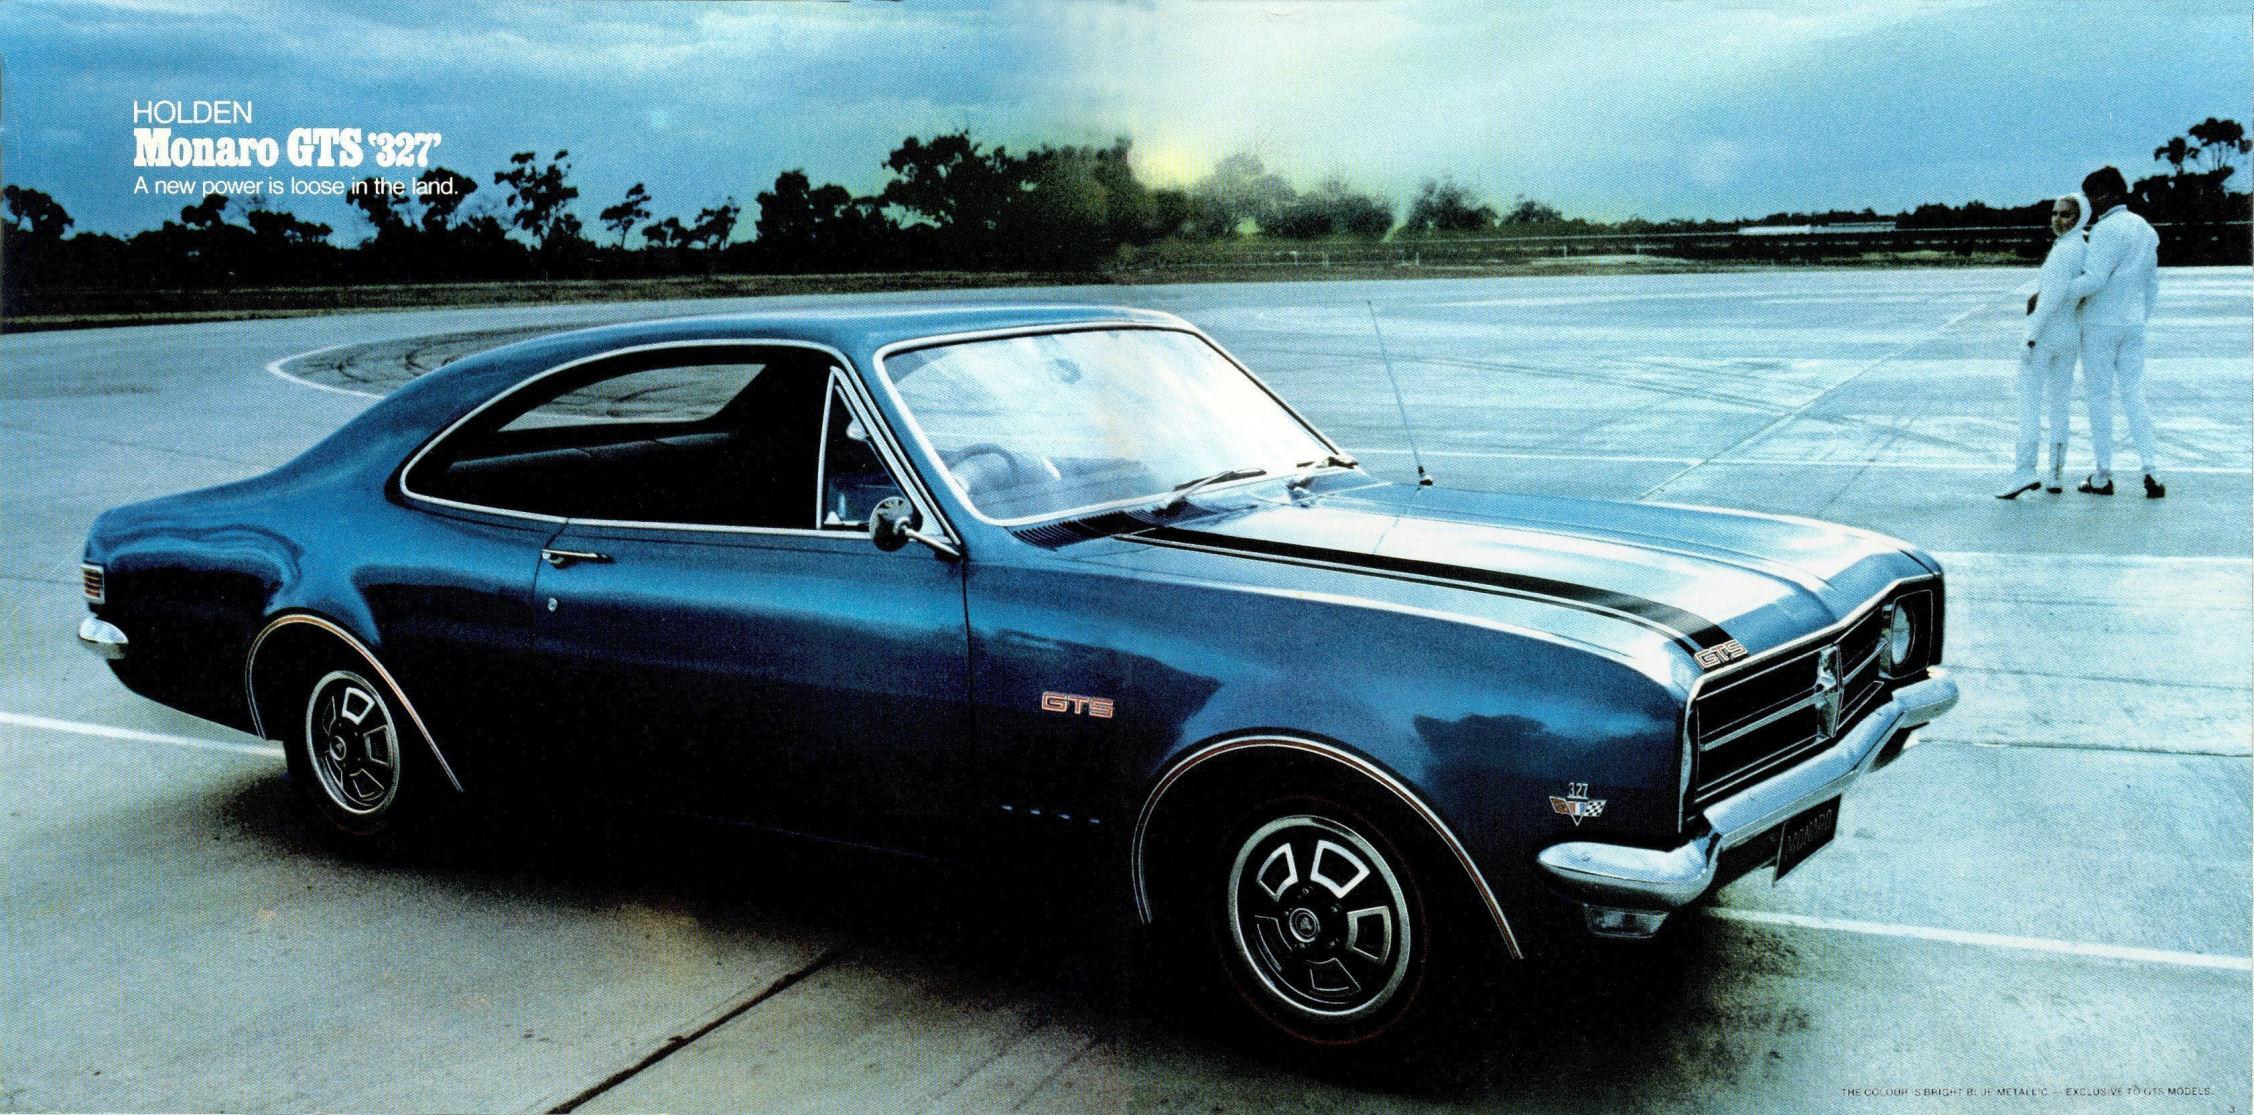 HK Holden Monaro (1968-1969)